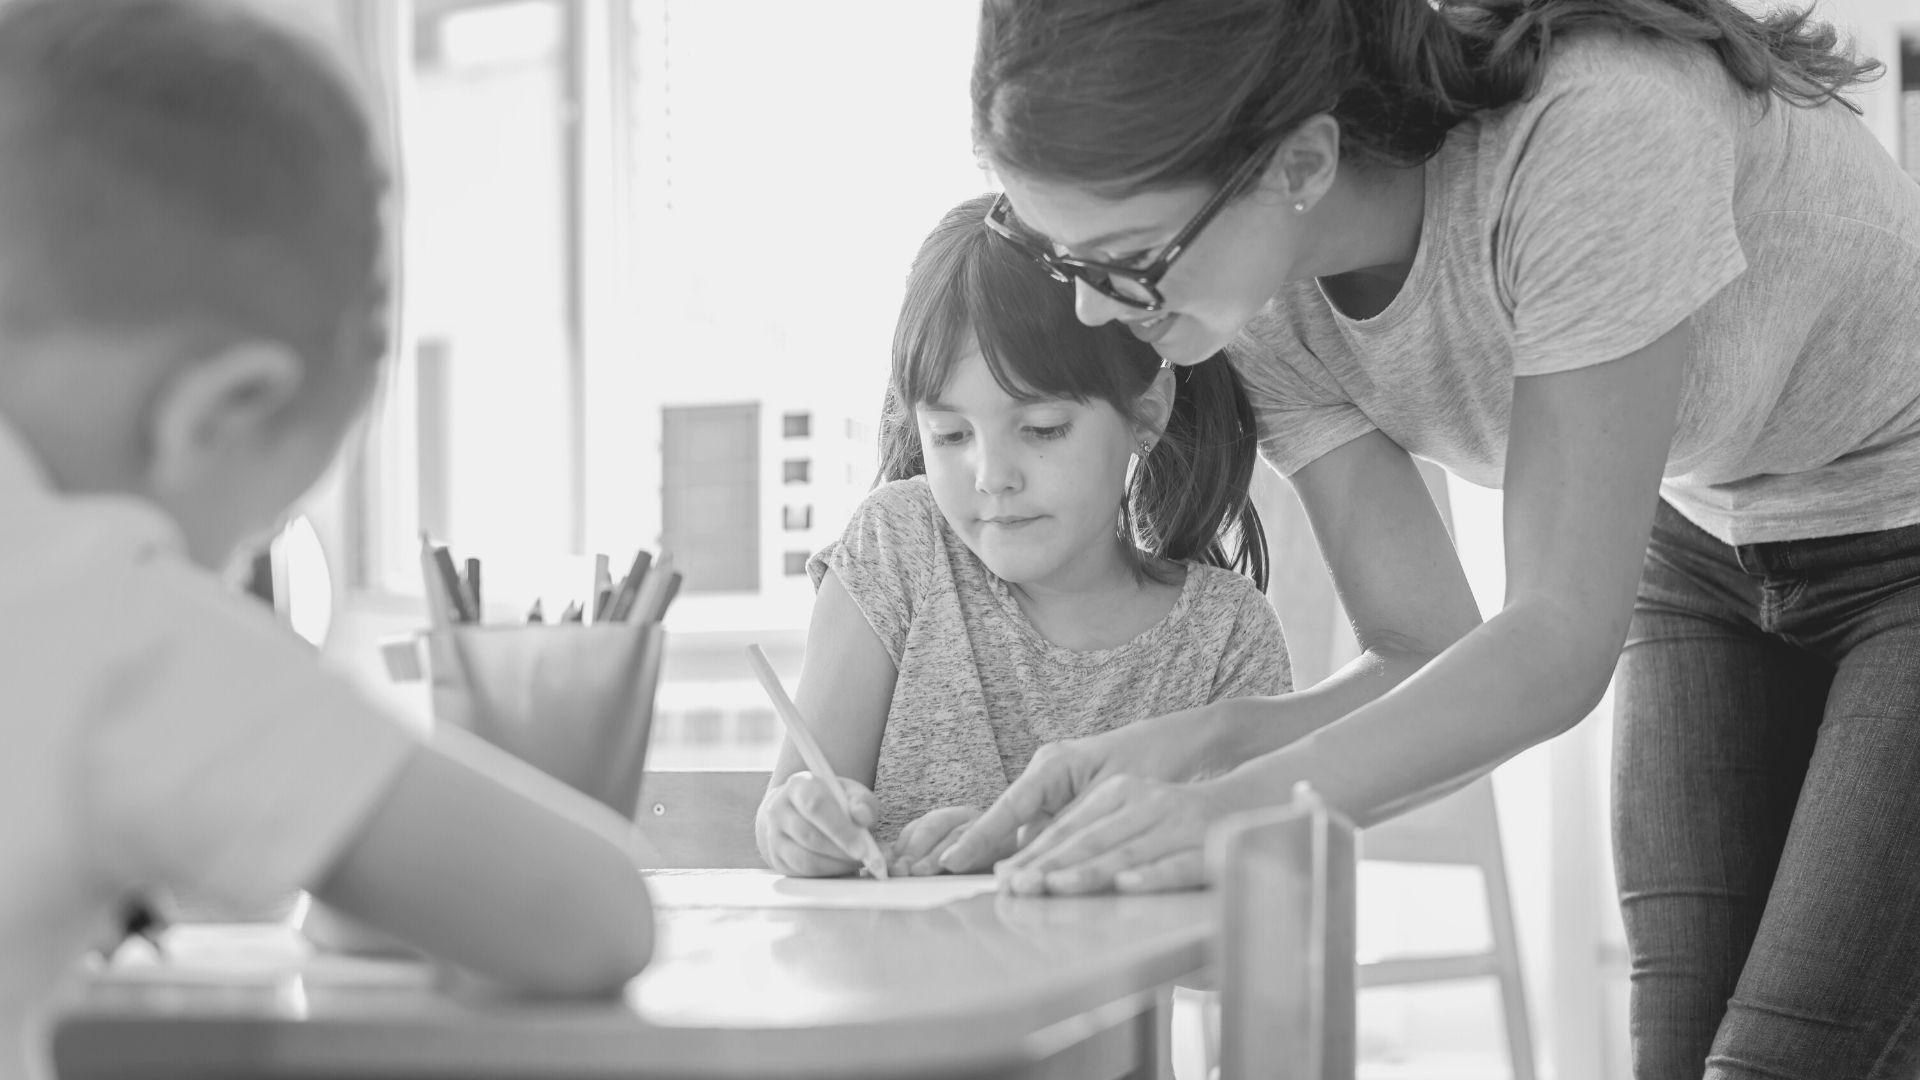 Educar desde el cuidado, no desde el miedo